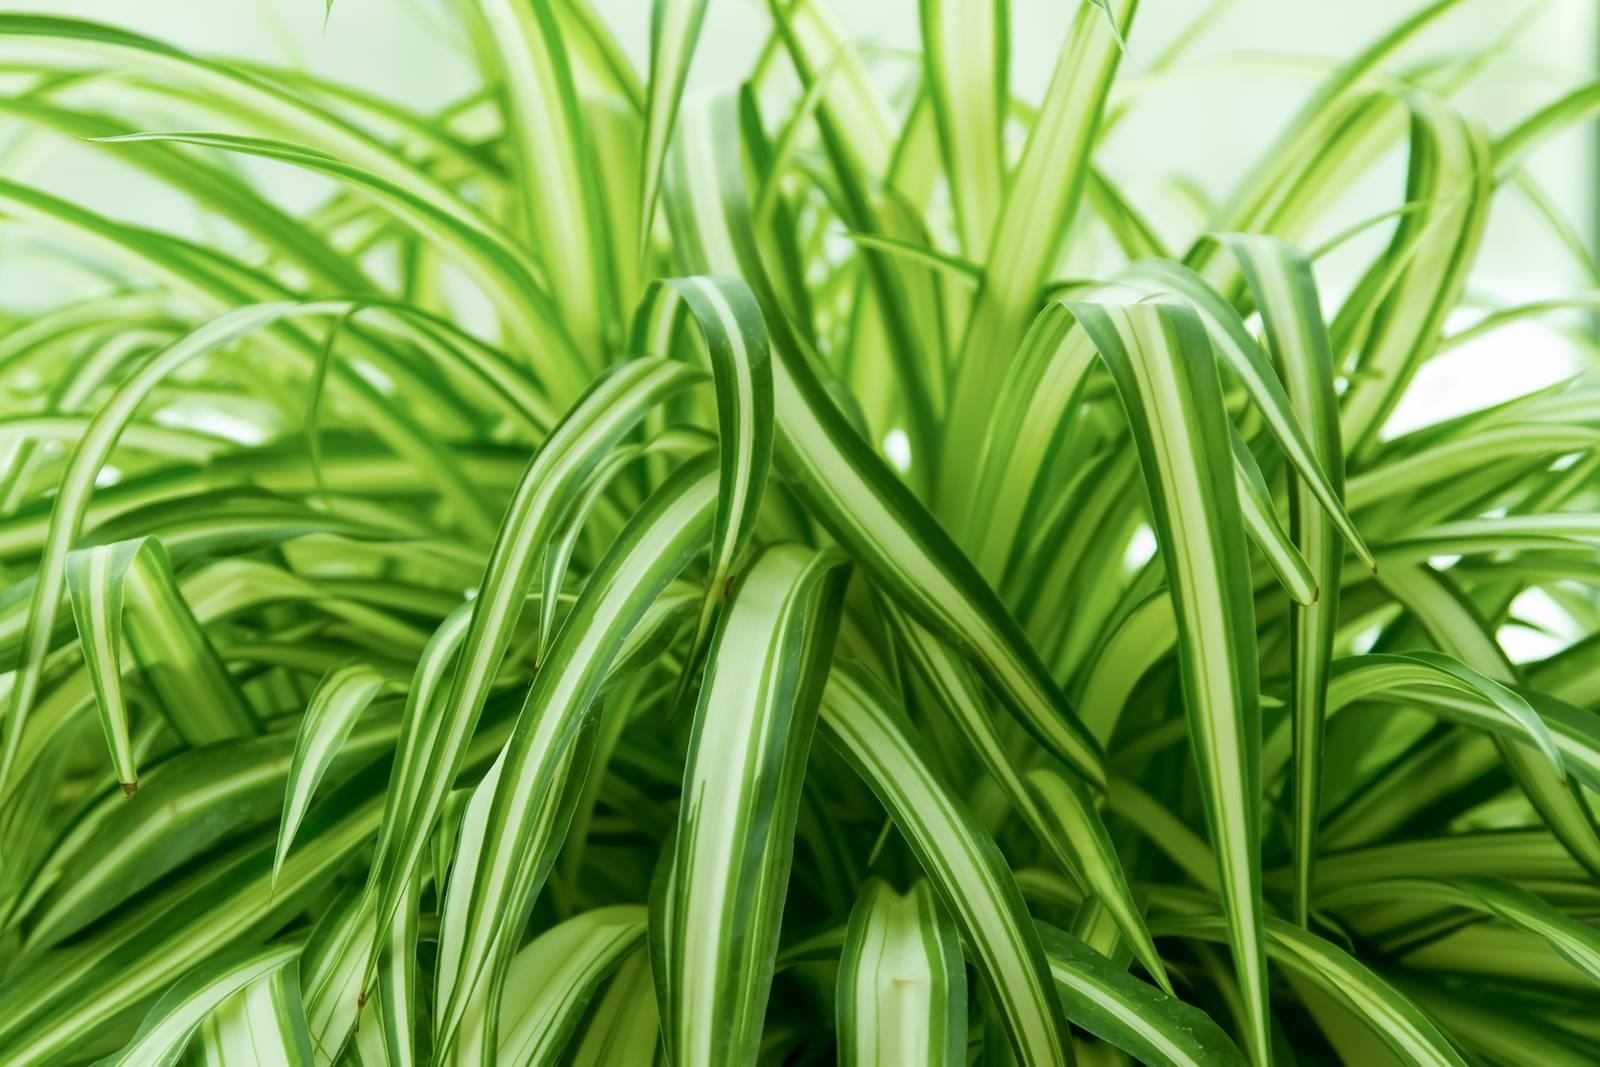 Хлорофитум хохлатый: уход в домашних условиях, фото, размножение selo.guru — интернет портал о сельском хозяйстве